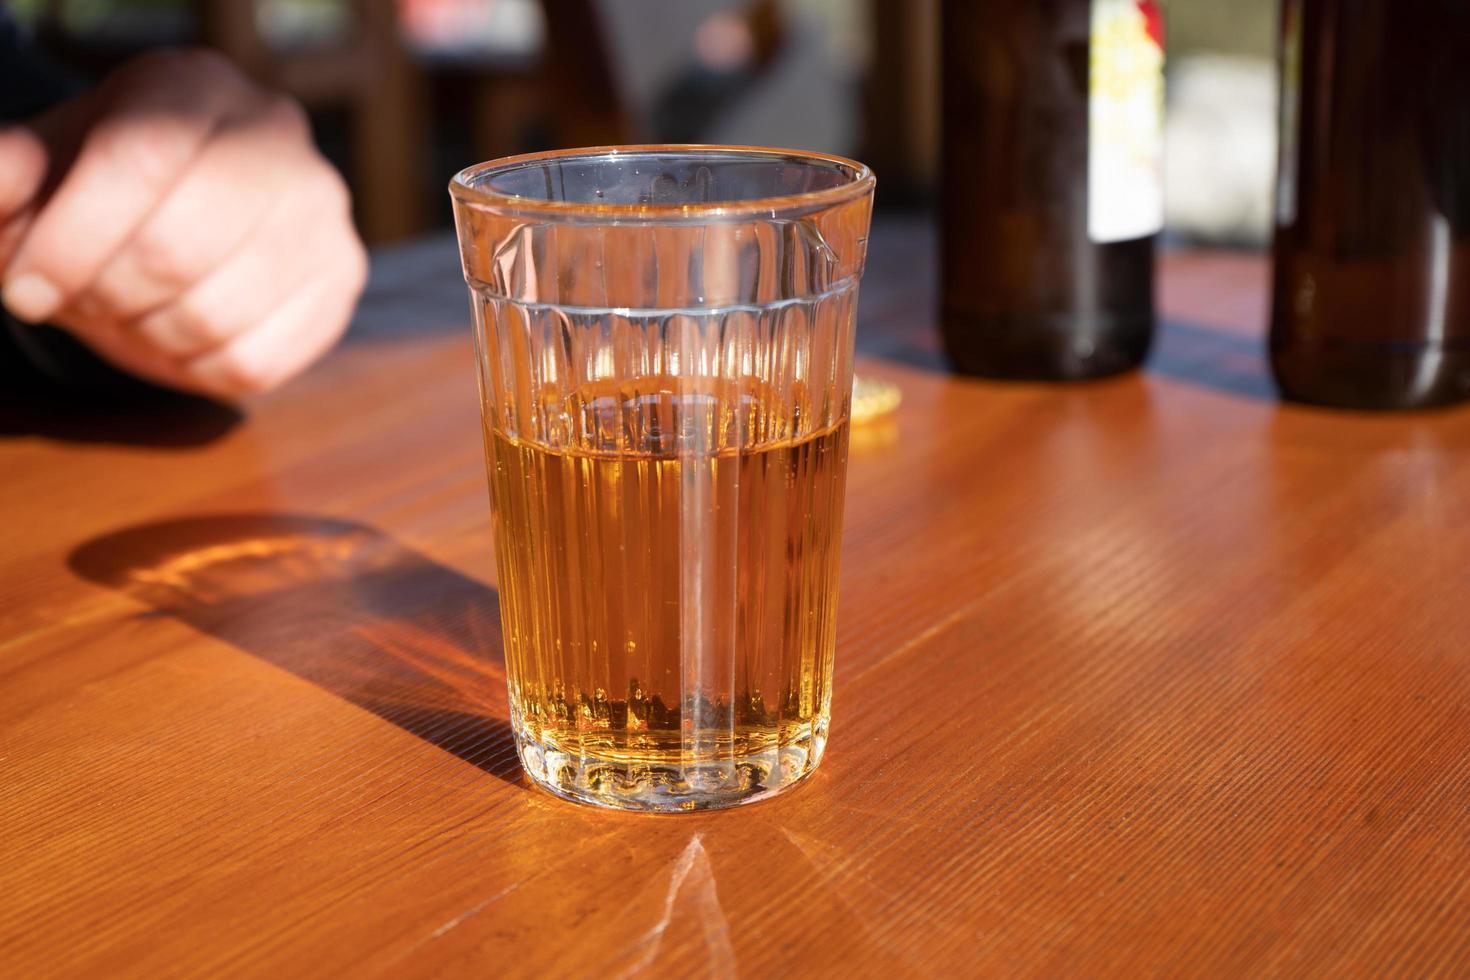 un vaso de limonada en la superficie de madera de la mesa foto